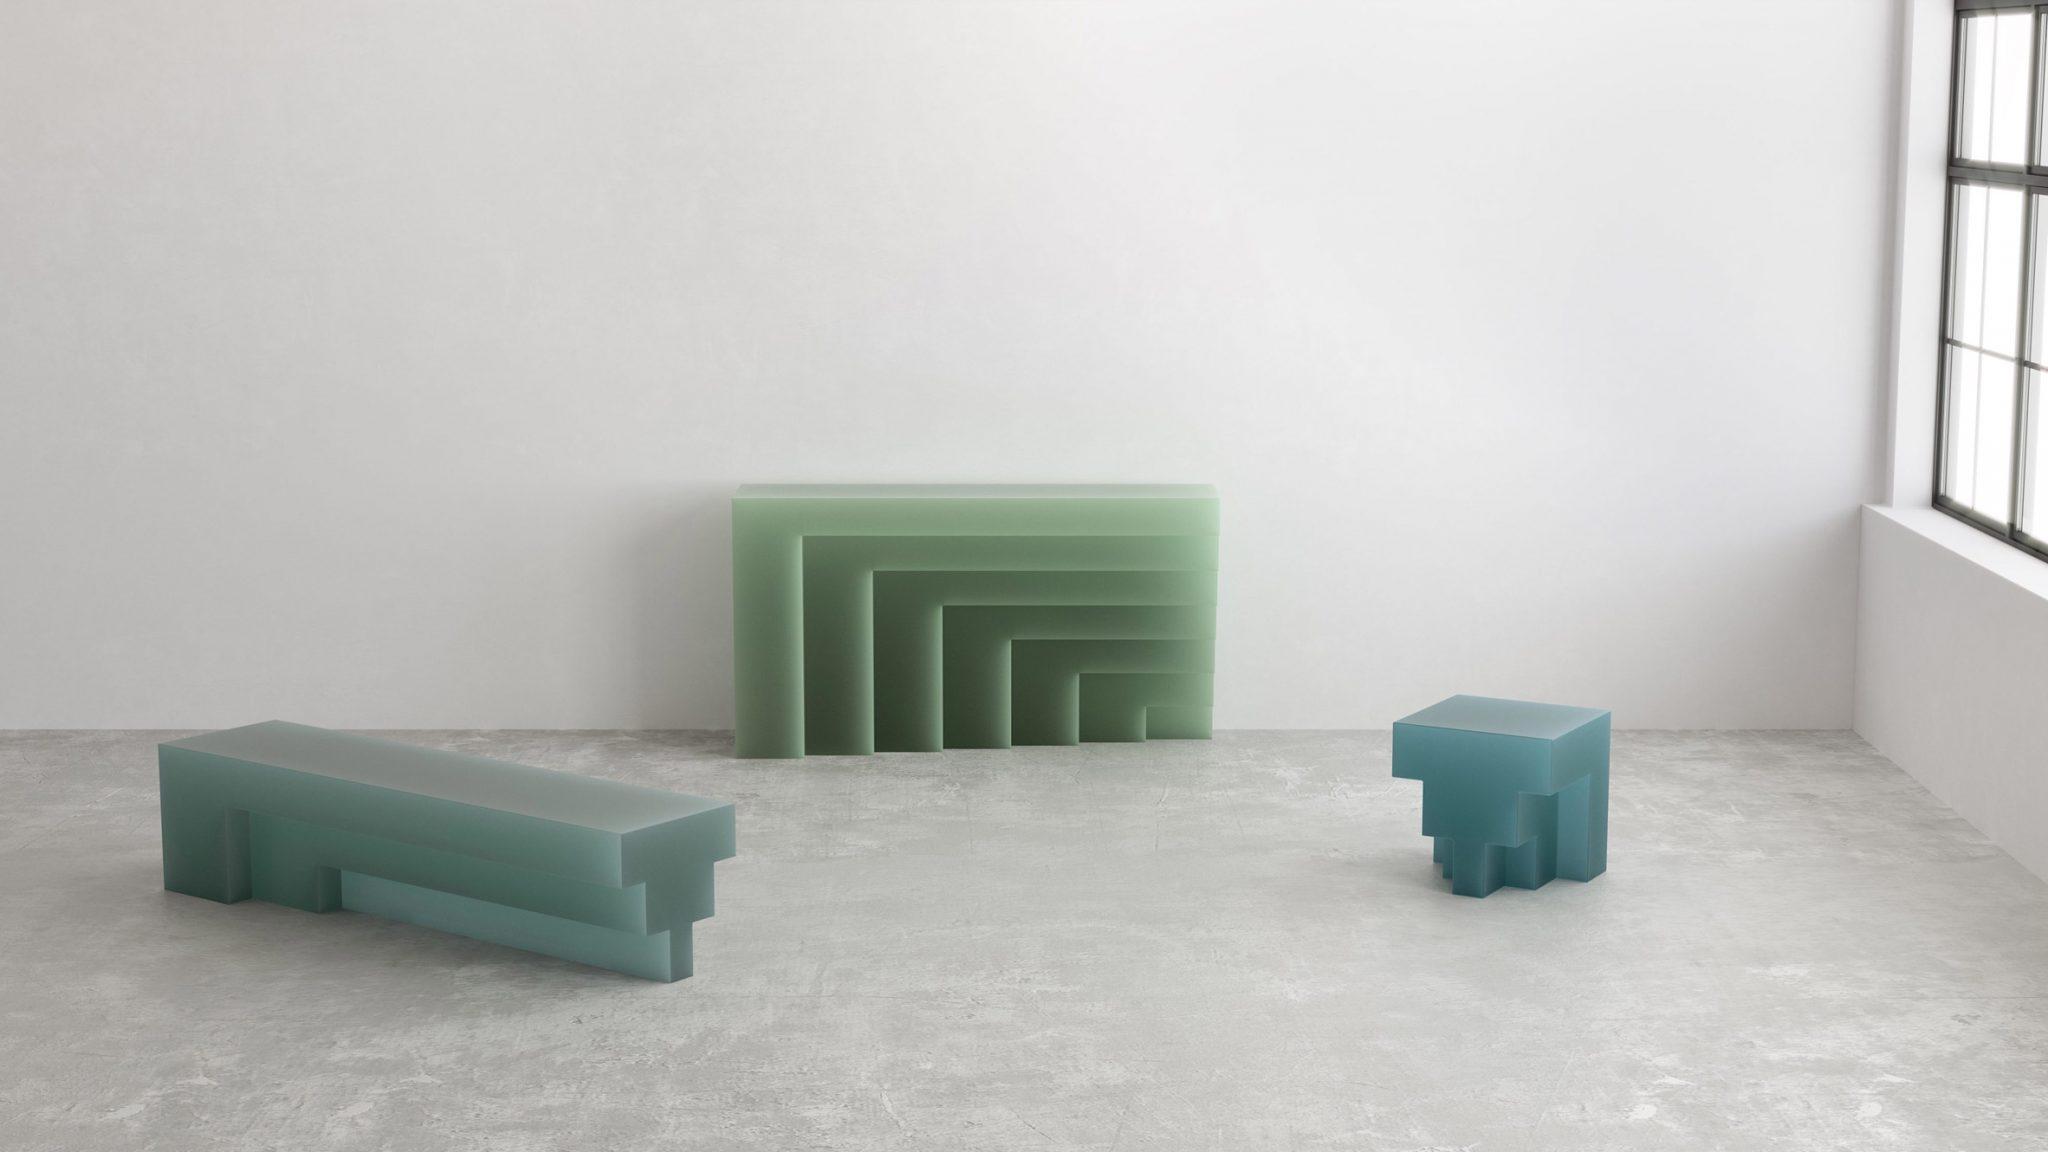 ساخت مبلمان رزین شبیه به قالب های برش خورده صابون